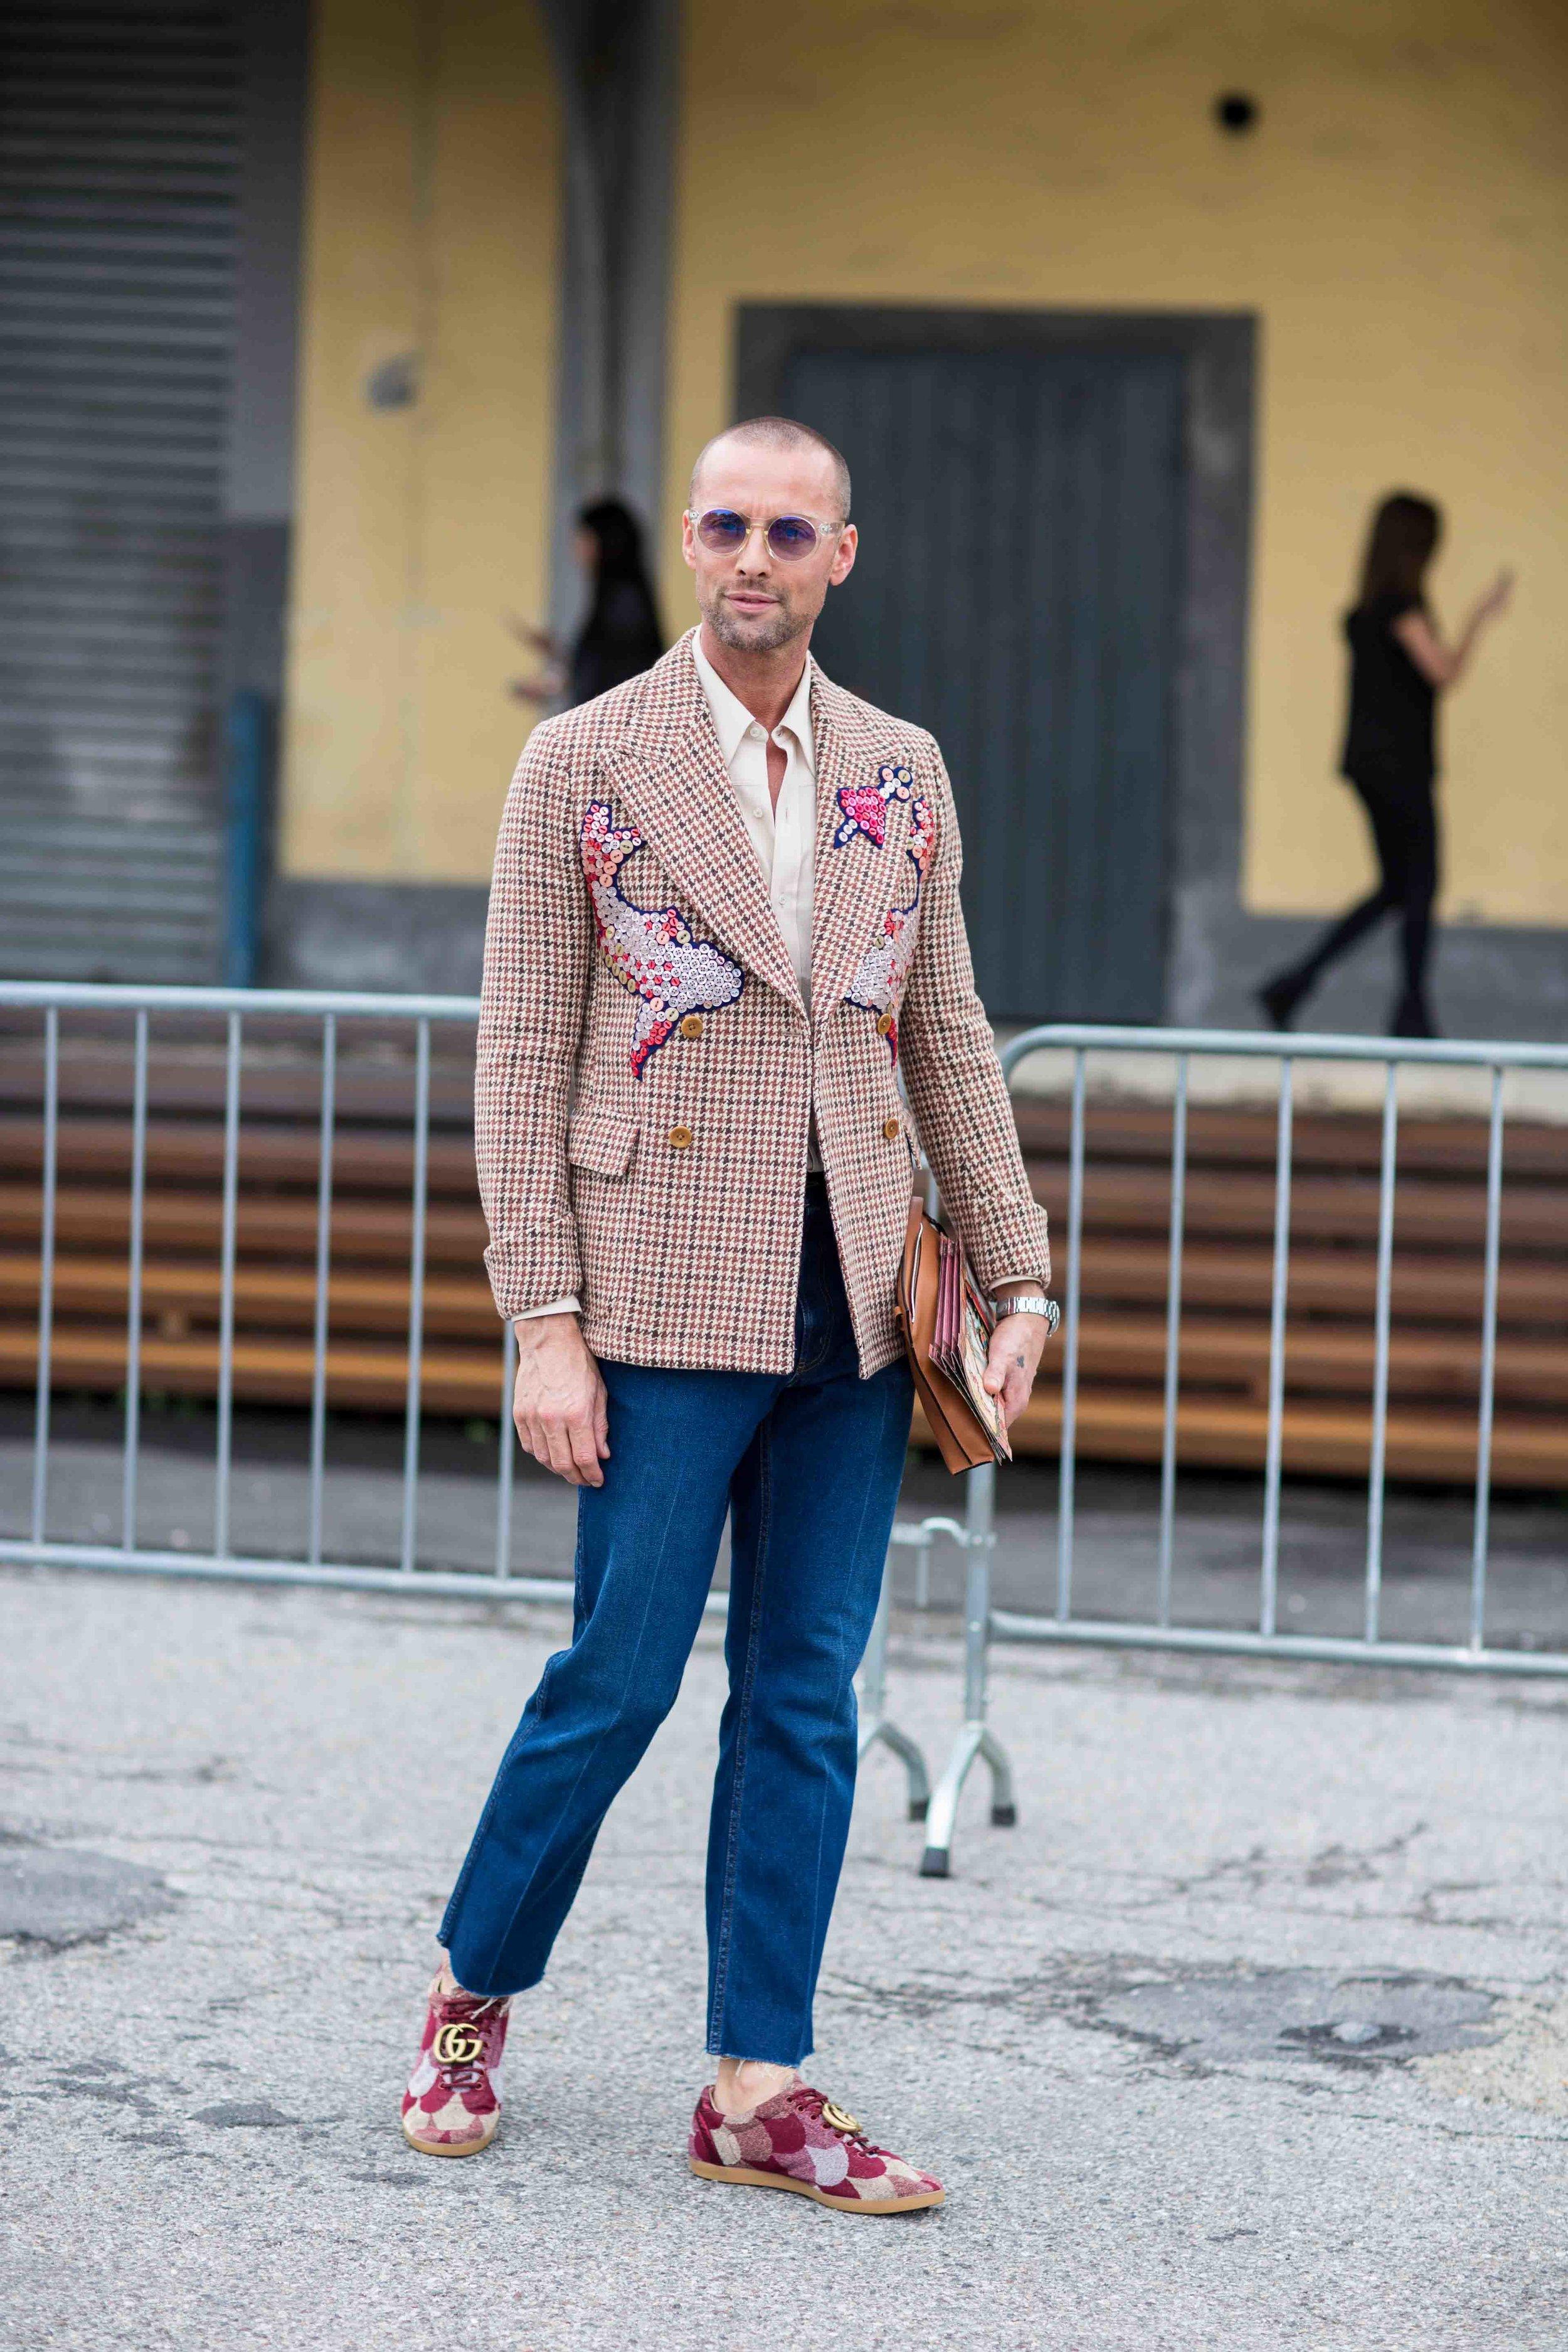 https://www.citycatwalk.at/blog/street-style-milan-fashion-week-4